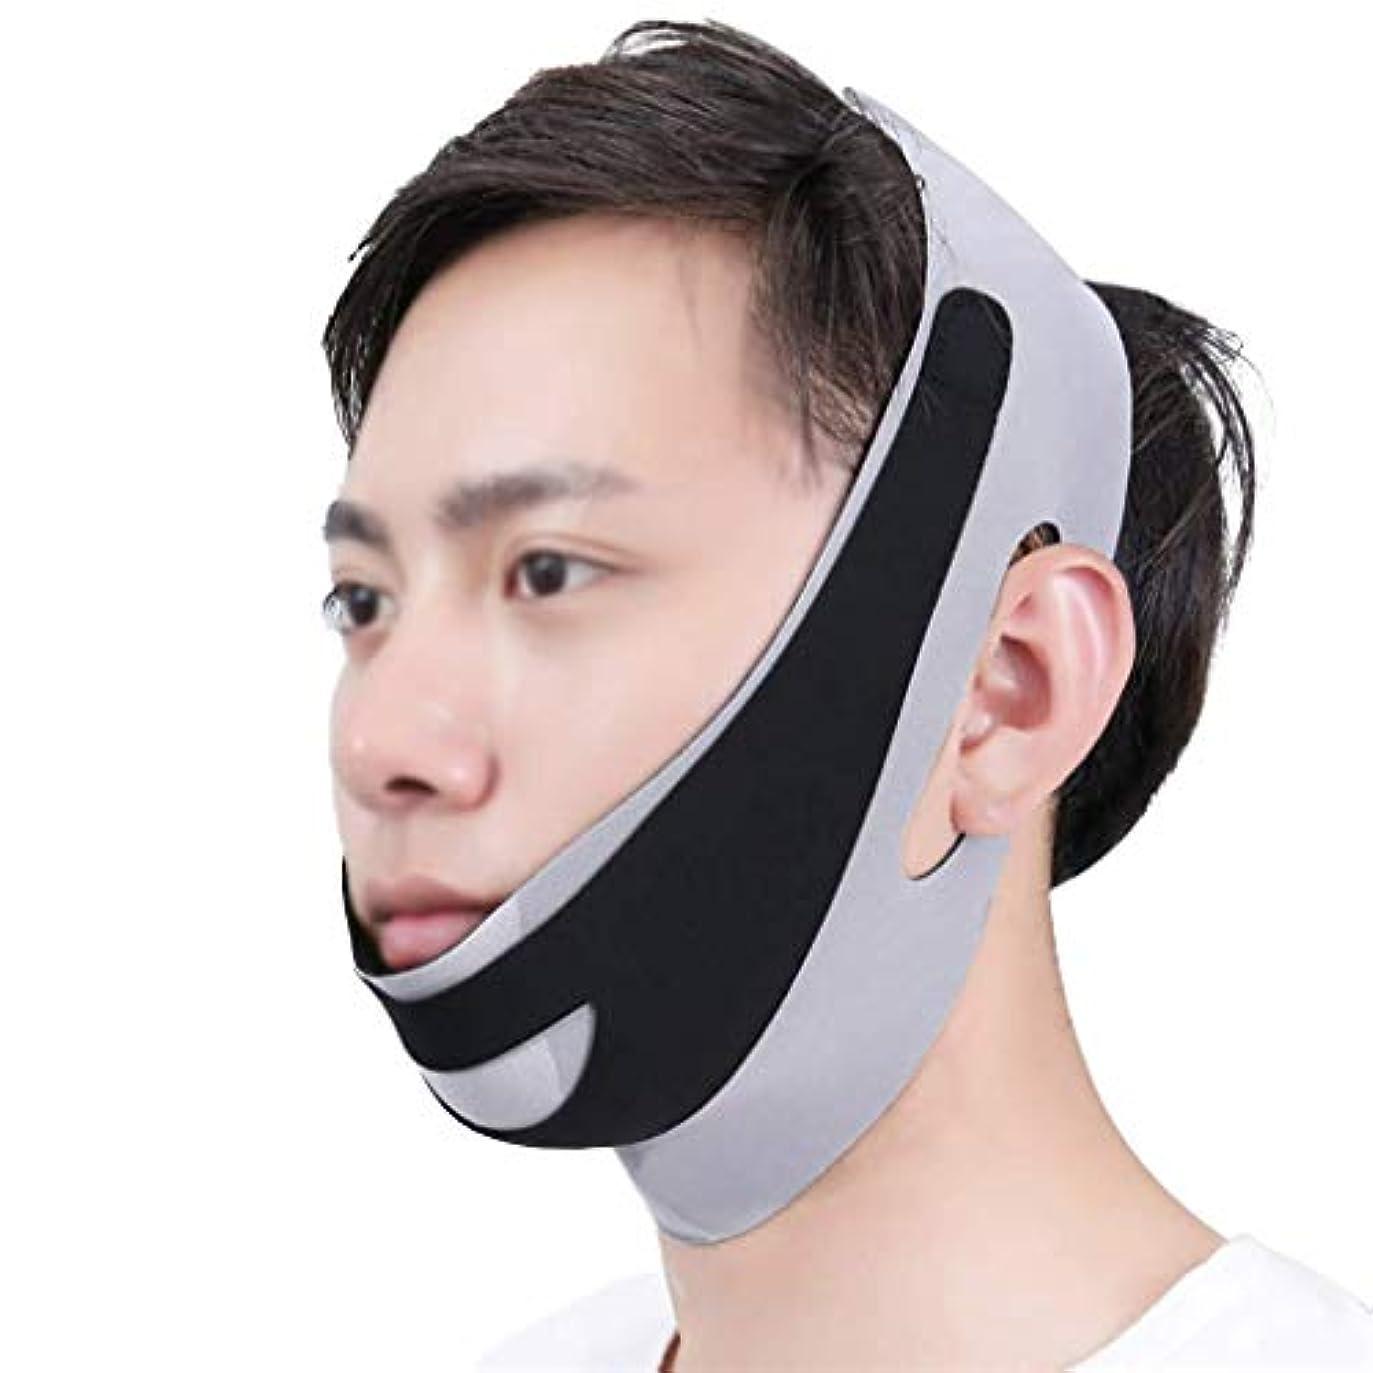 ミス文明化清める顔と首のリフト術後弾性顔マスク小V顔アーティファクト薄い顔包帯アーティファクトV顔吊り耳リフティング引き締め男性の顔アーティファクト